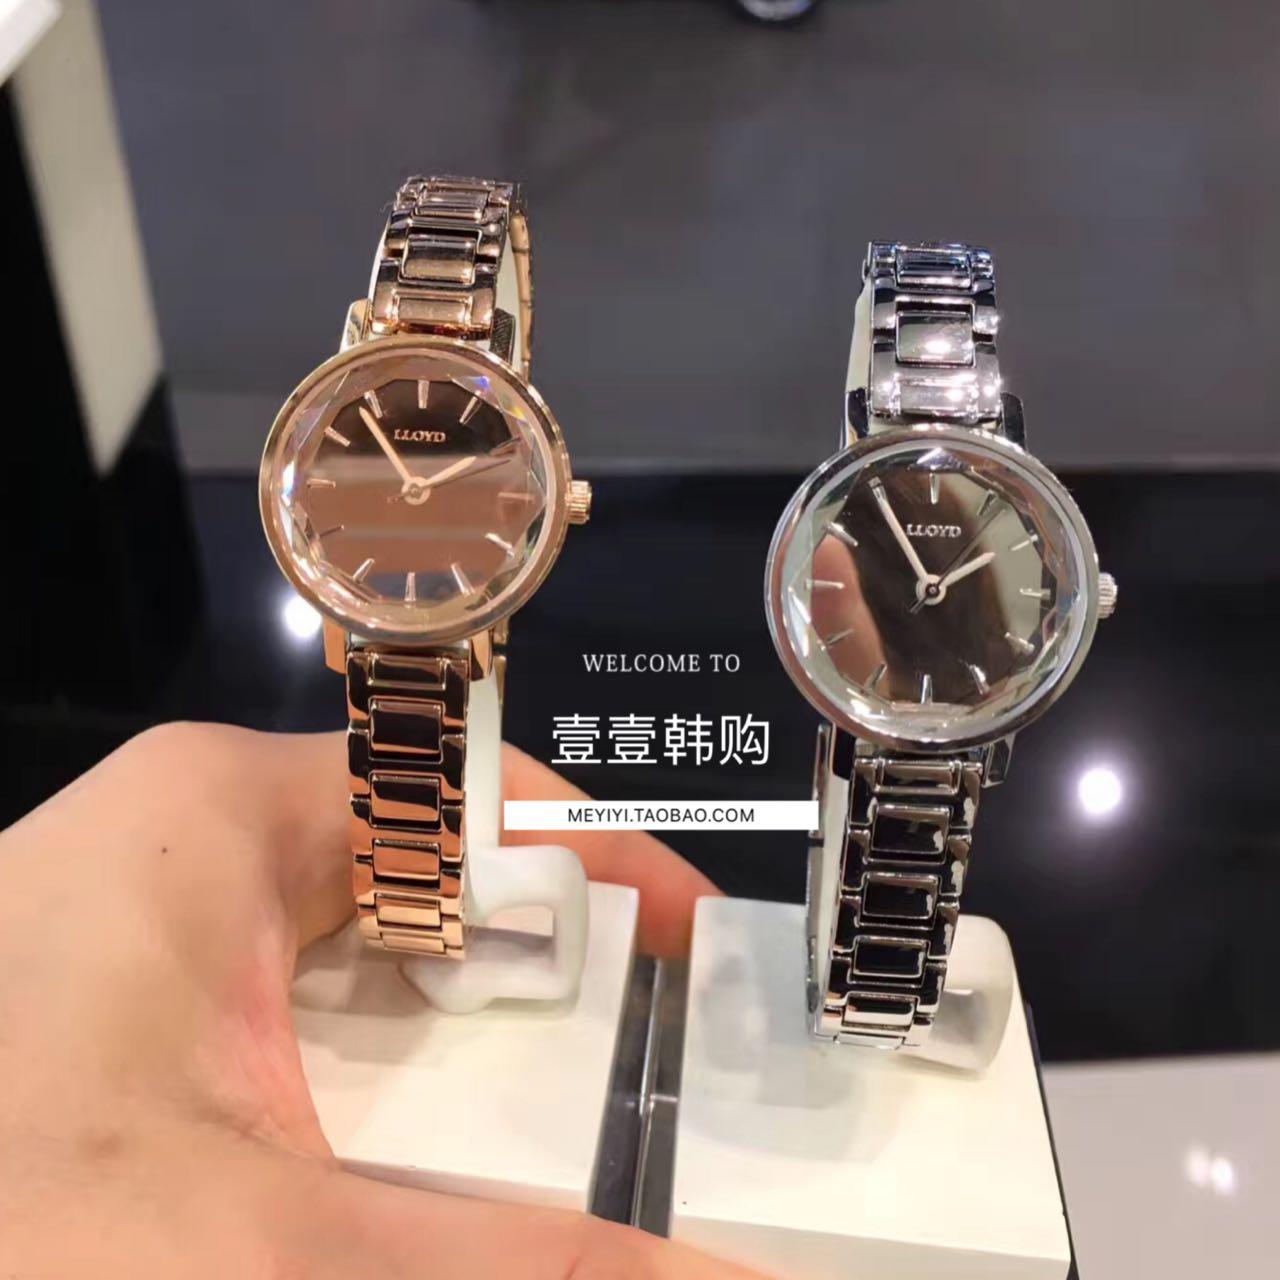 新款LLOYD韩国专柜正品代购 钢链手表镜面气质石英女表玫瑰金包邮